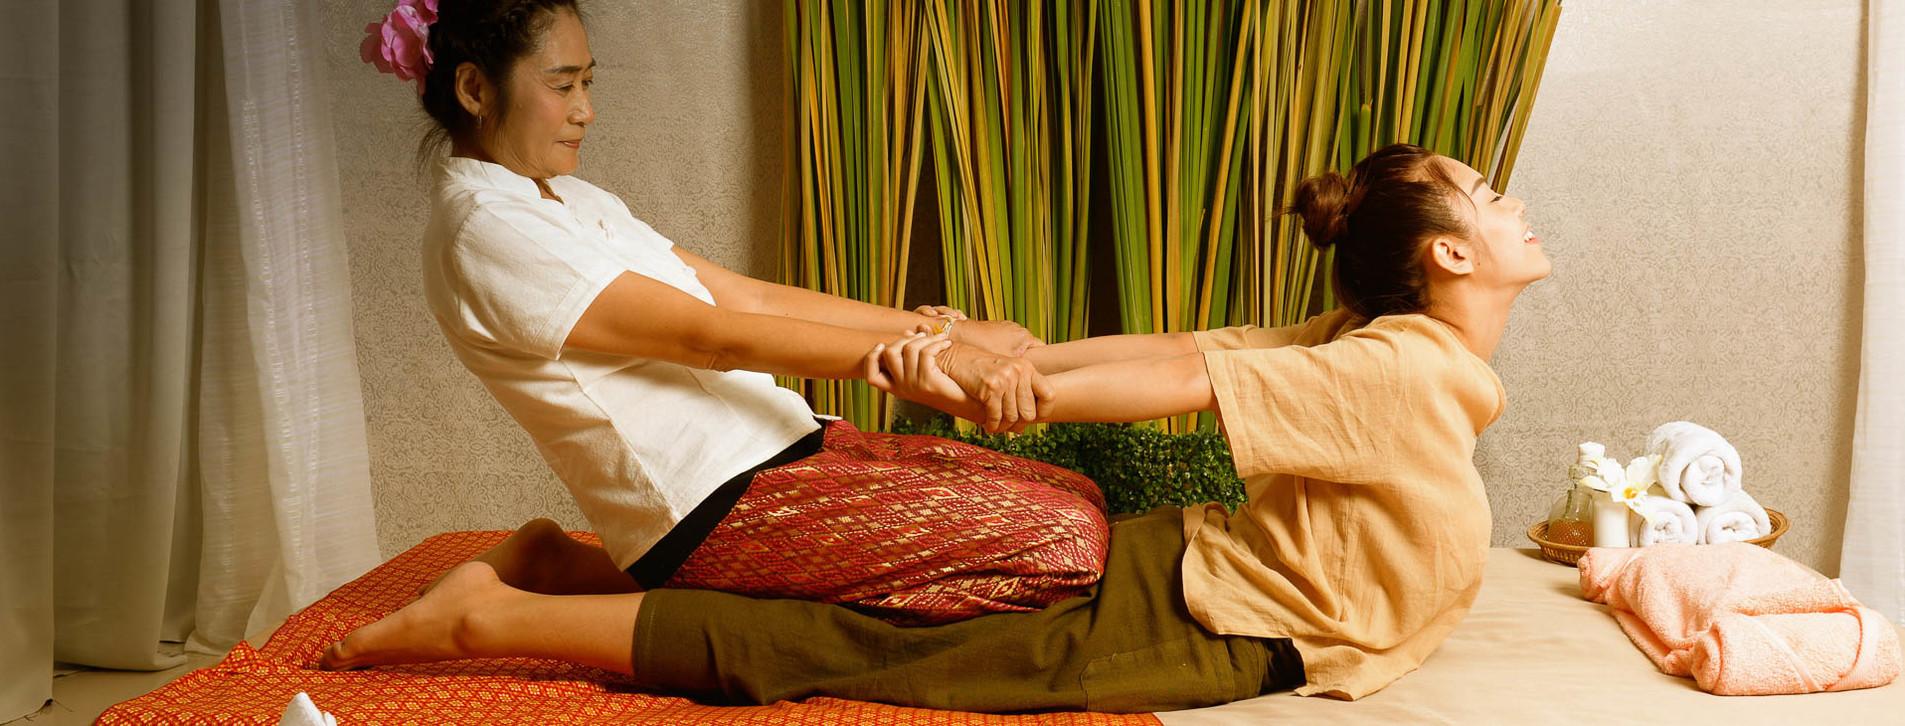 Фото - Тайский массаж для двоих